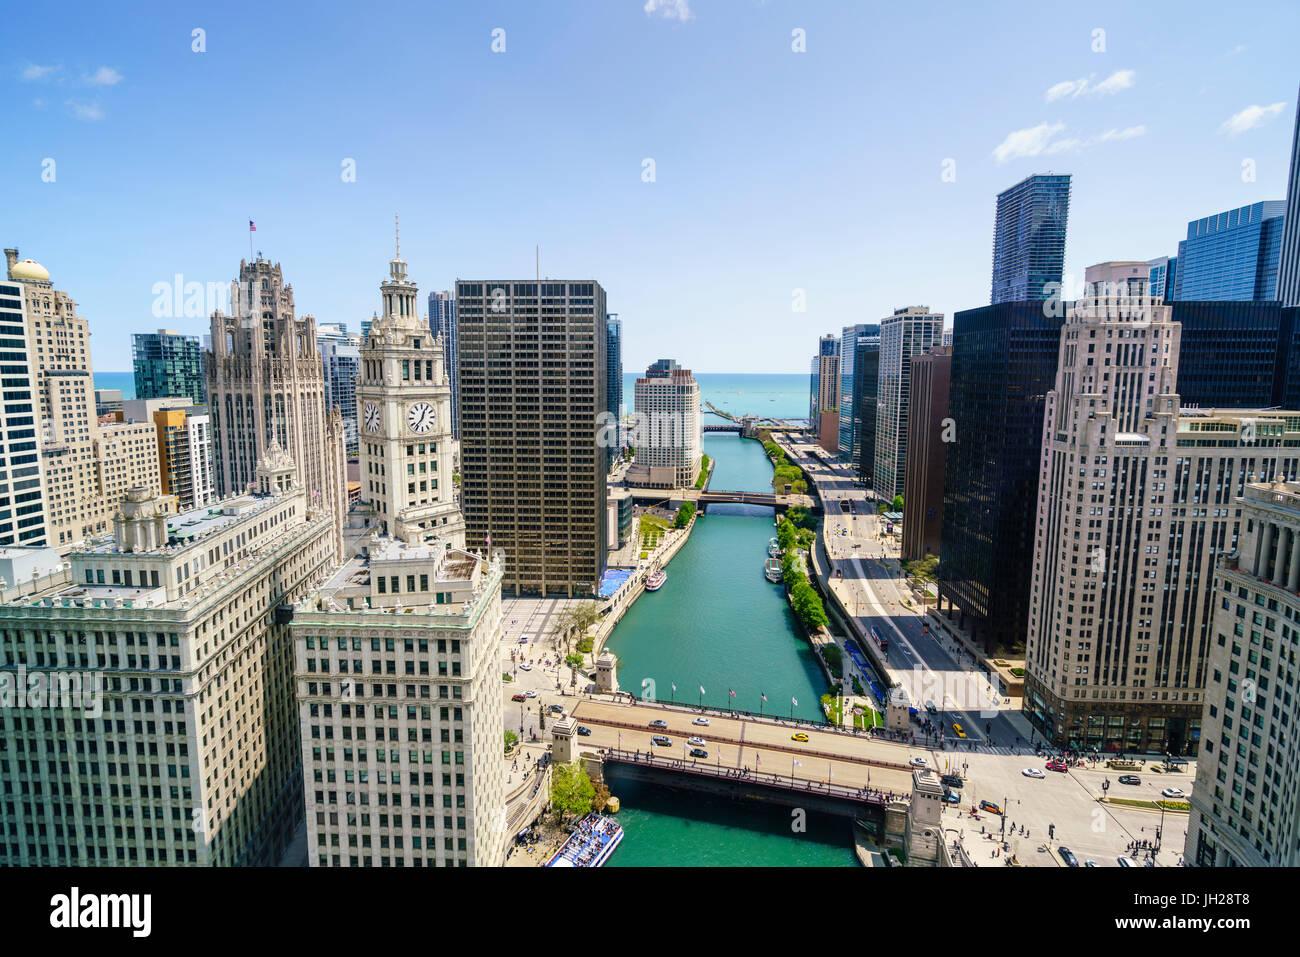 Torri lungo il fiume Chicago verso il lago Michigan, Chicago, Illinois, Stati Uniti d'America, America del Nord Immagini Stock